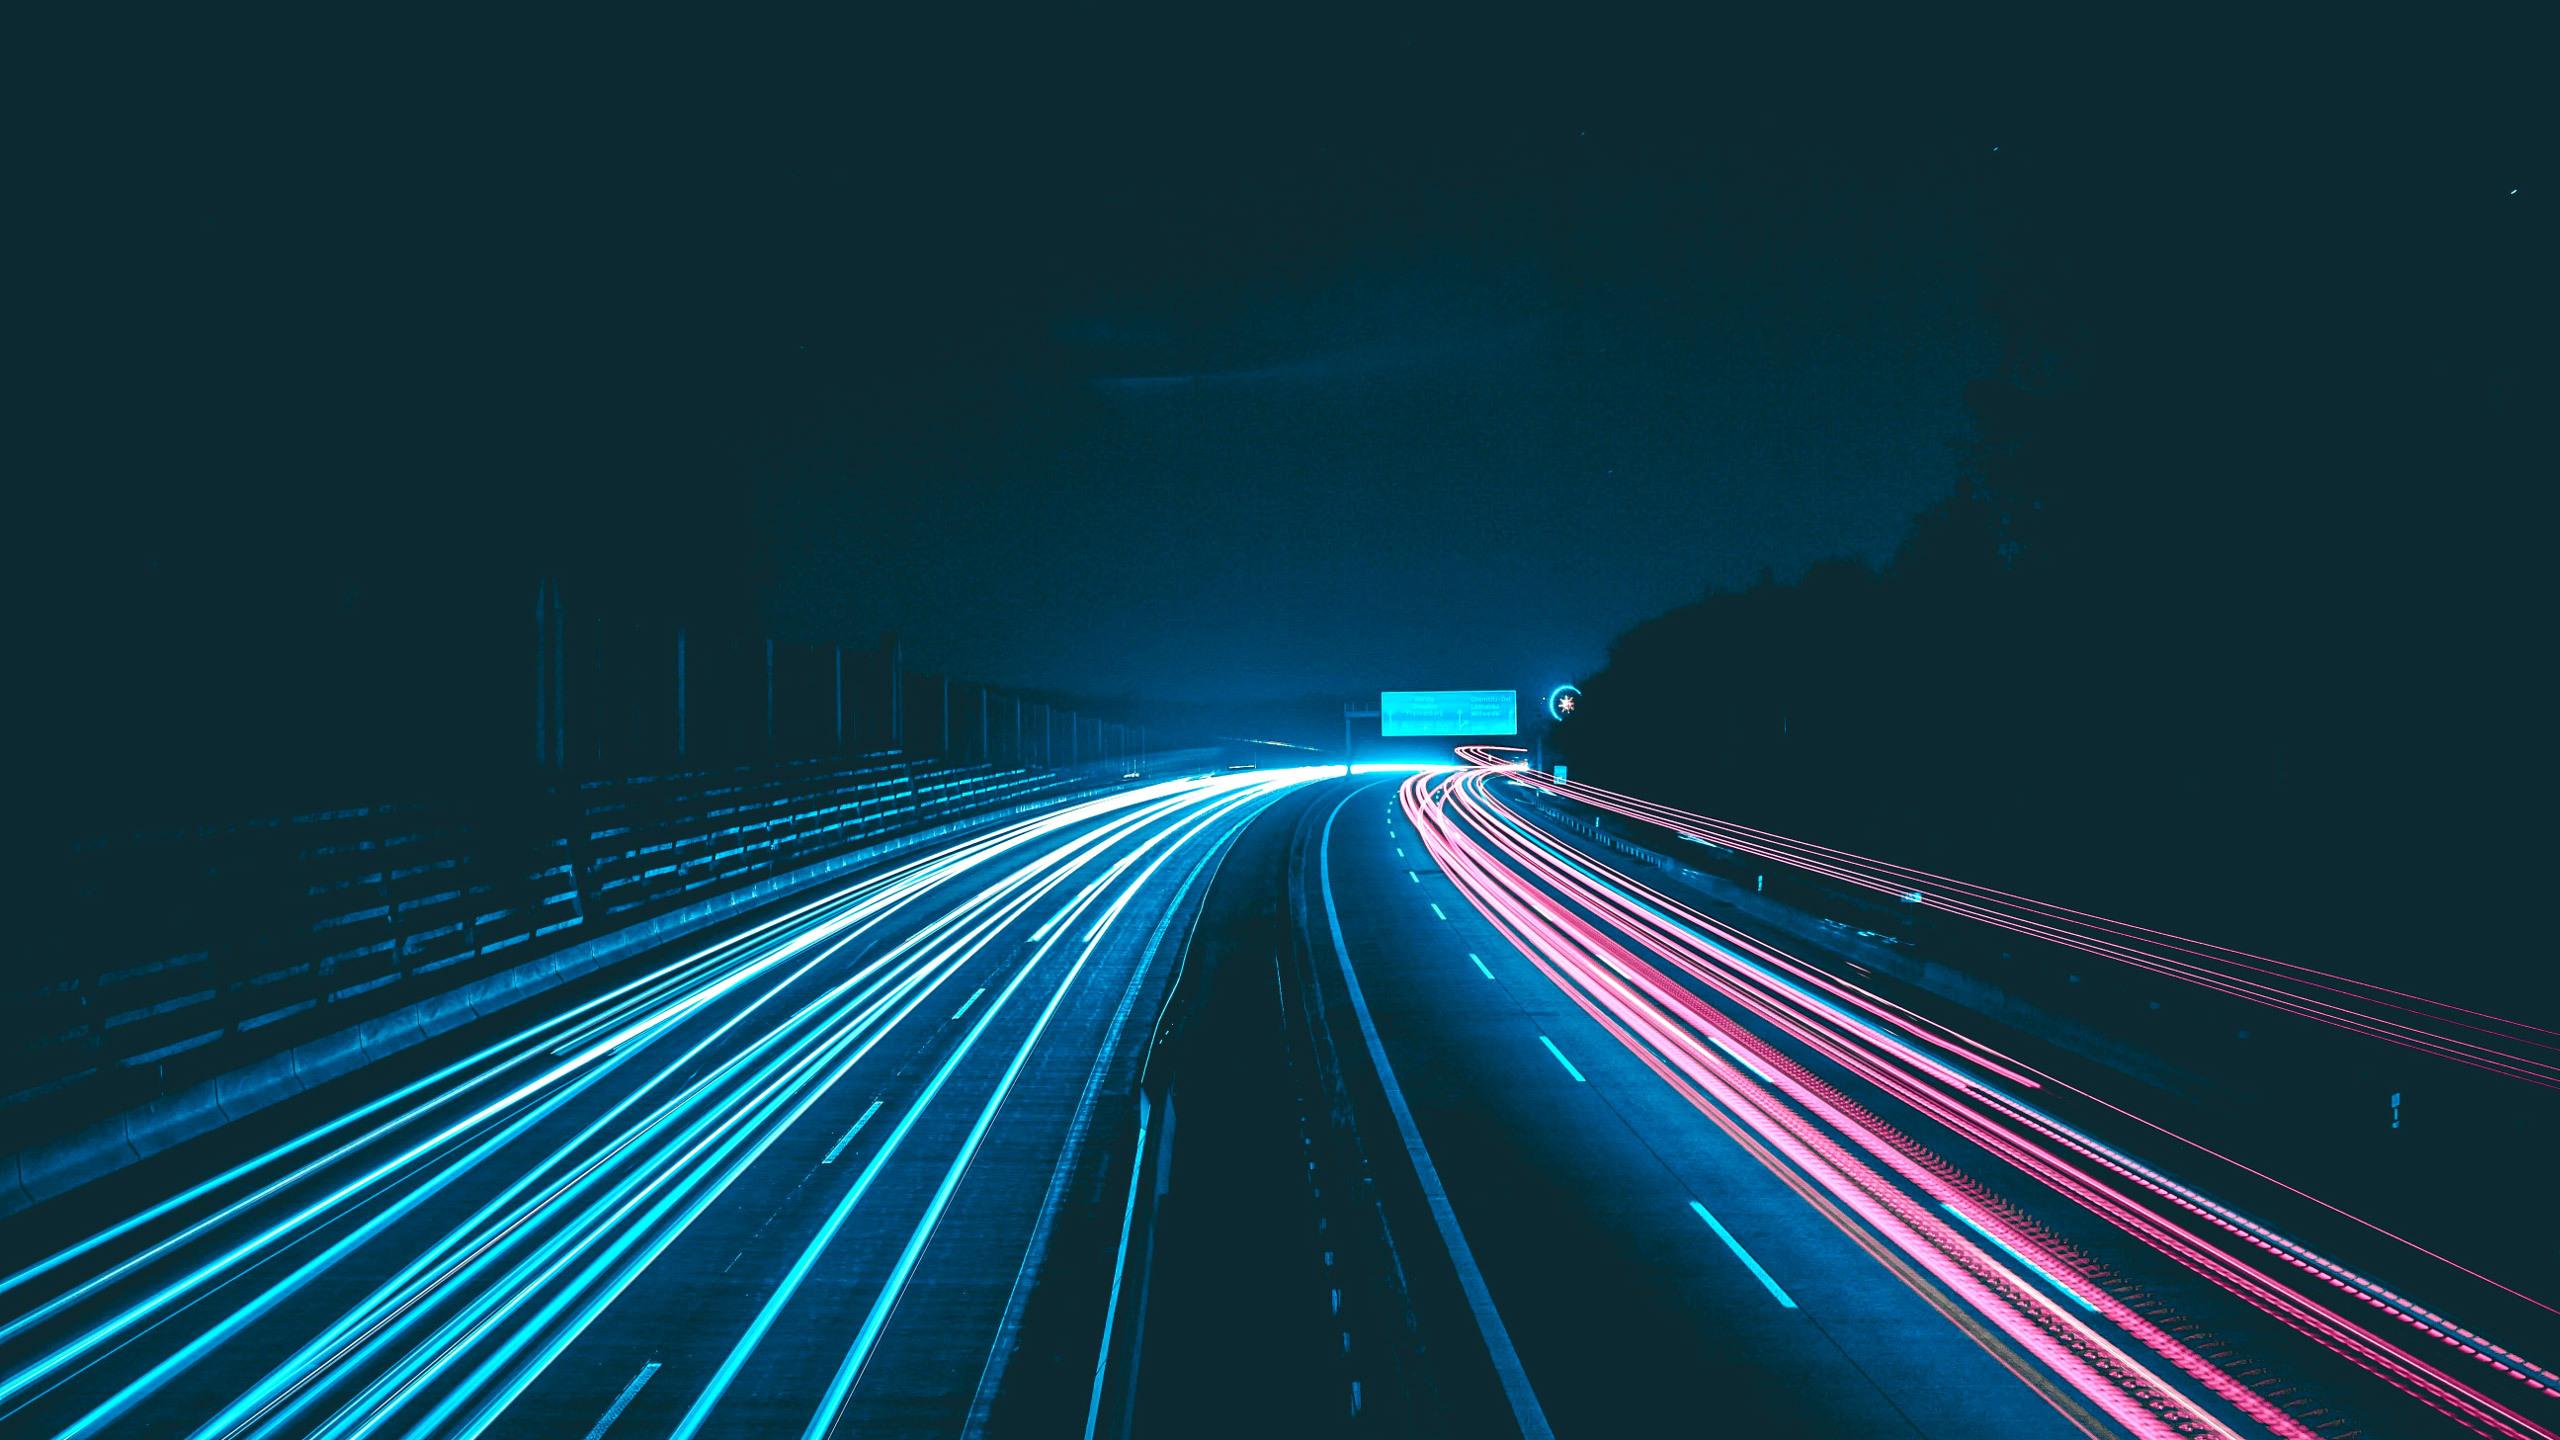 2560x1440 wallpaper road: 2560x1440 Night Lights Road 1440P Resolution HD 4k